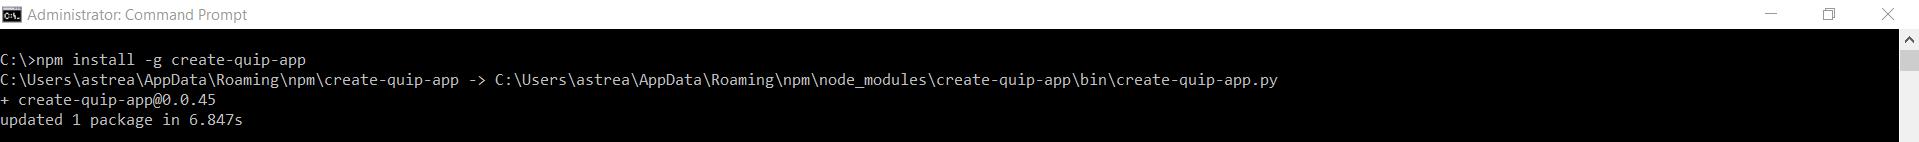 quip install